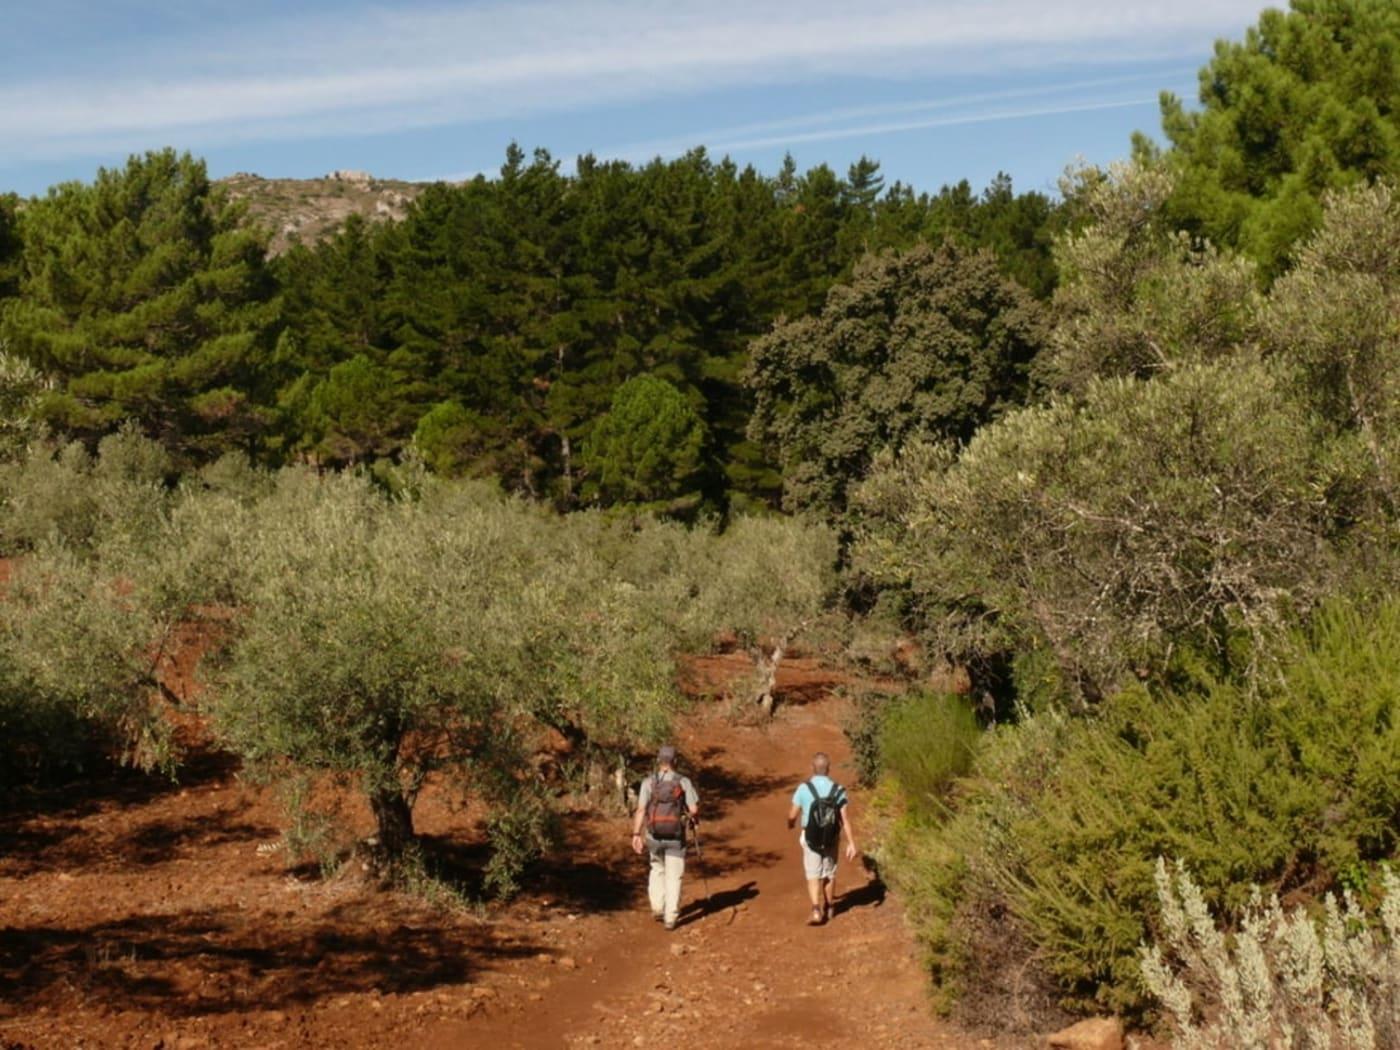 Walking in the Sierra Blanca near Marbella